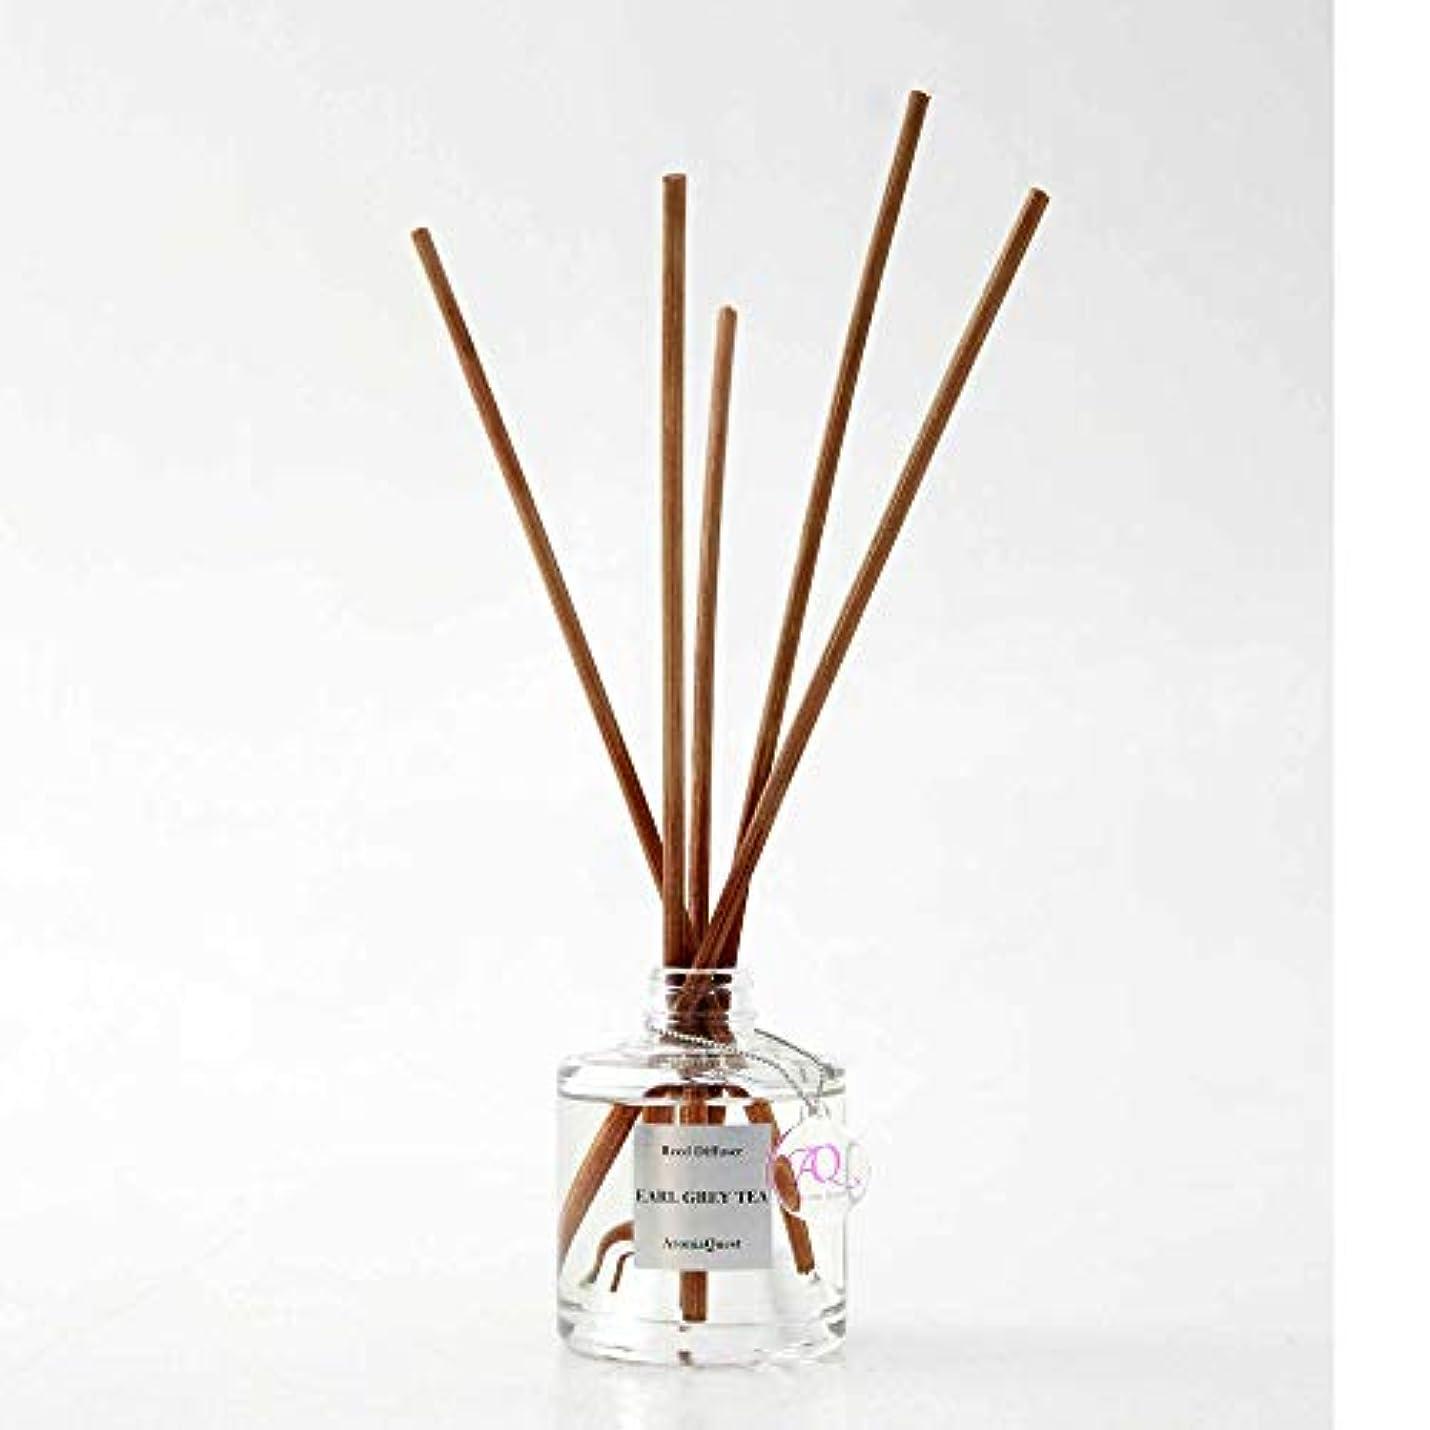 余剰飾るソケットルームフレグランス リードディフューザー アロマディフューザー 150ml アールグレイティー EARL GREY TEA 紅茶の香り(箱?紙袋なし)